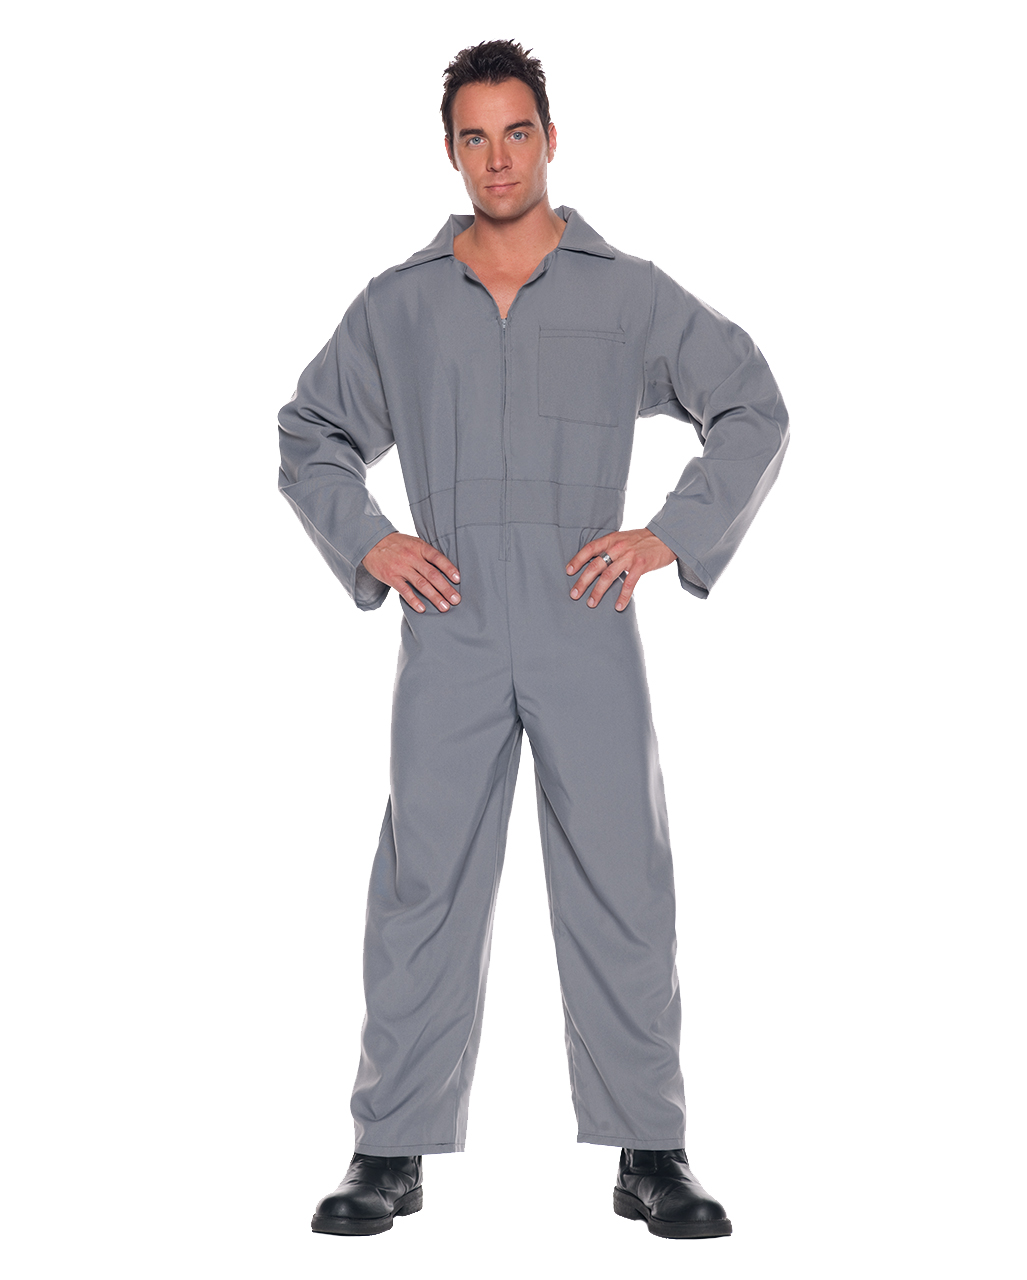 Adult gray jumpsuit   Grey Adult Junmpsuit   horror-shop.com